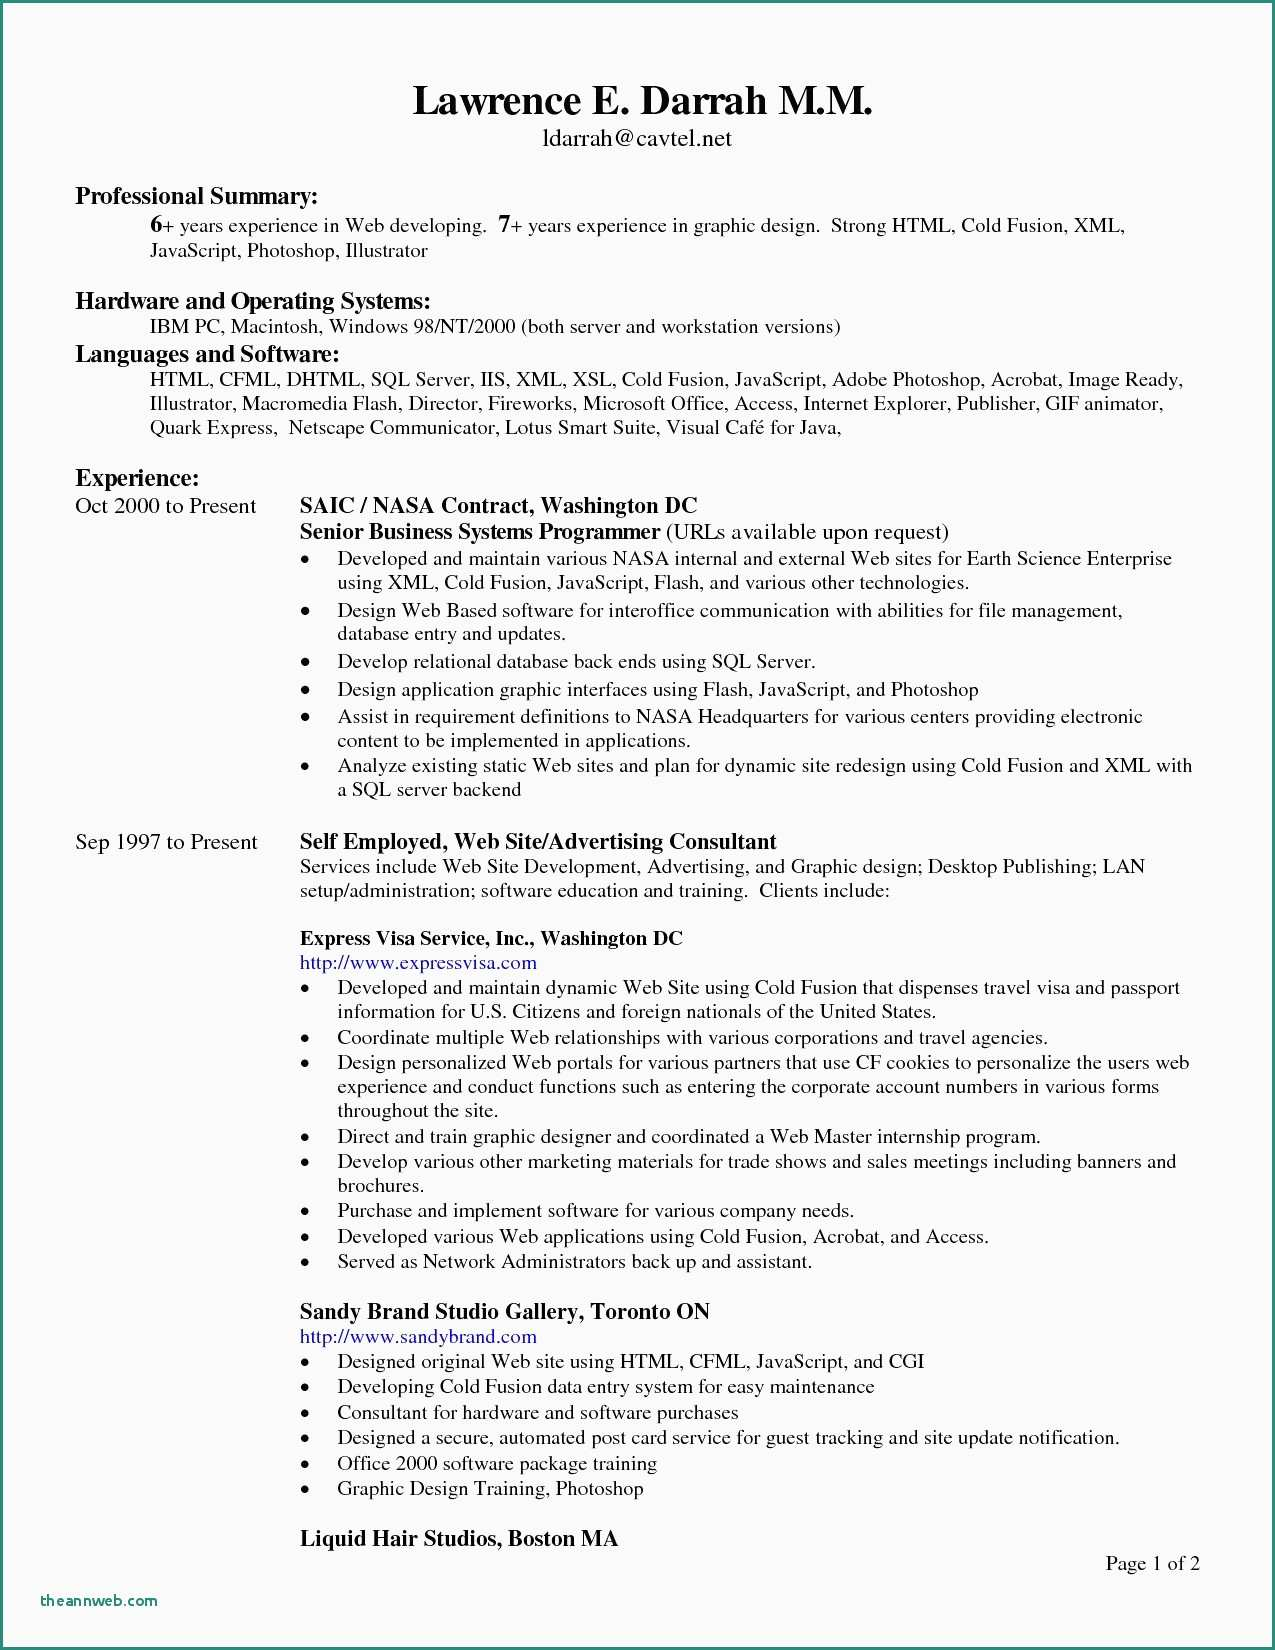 Resume Format Header